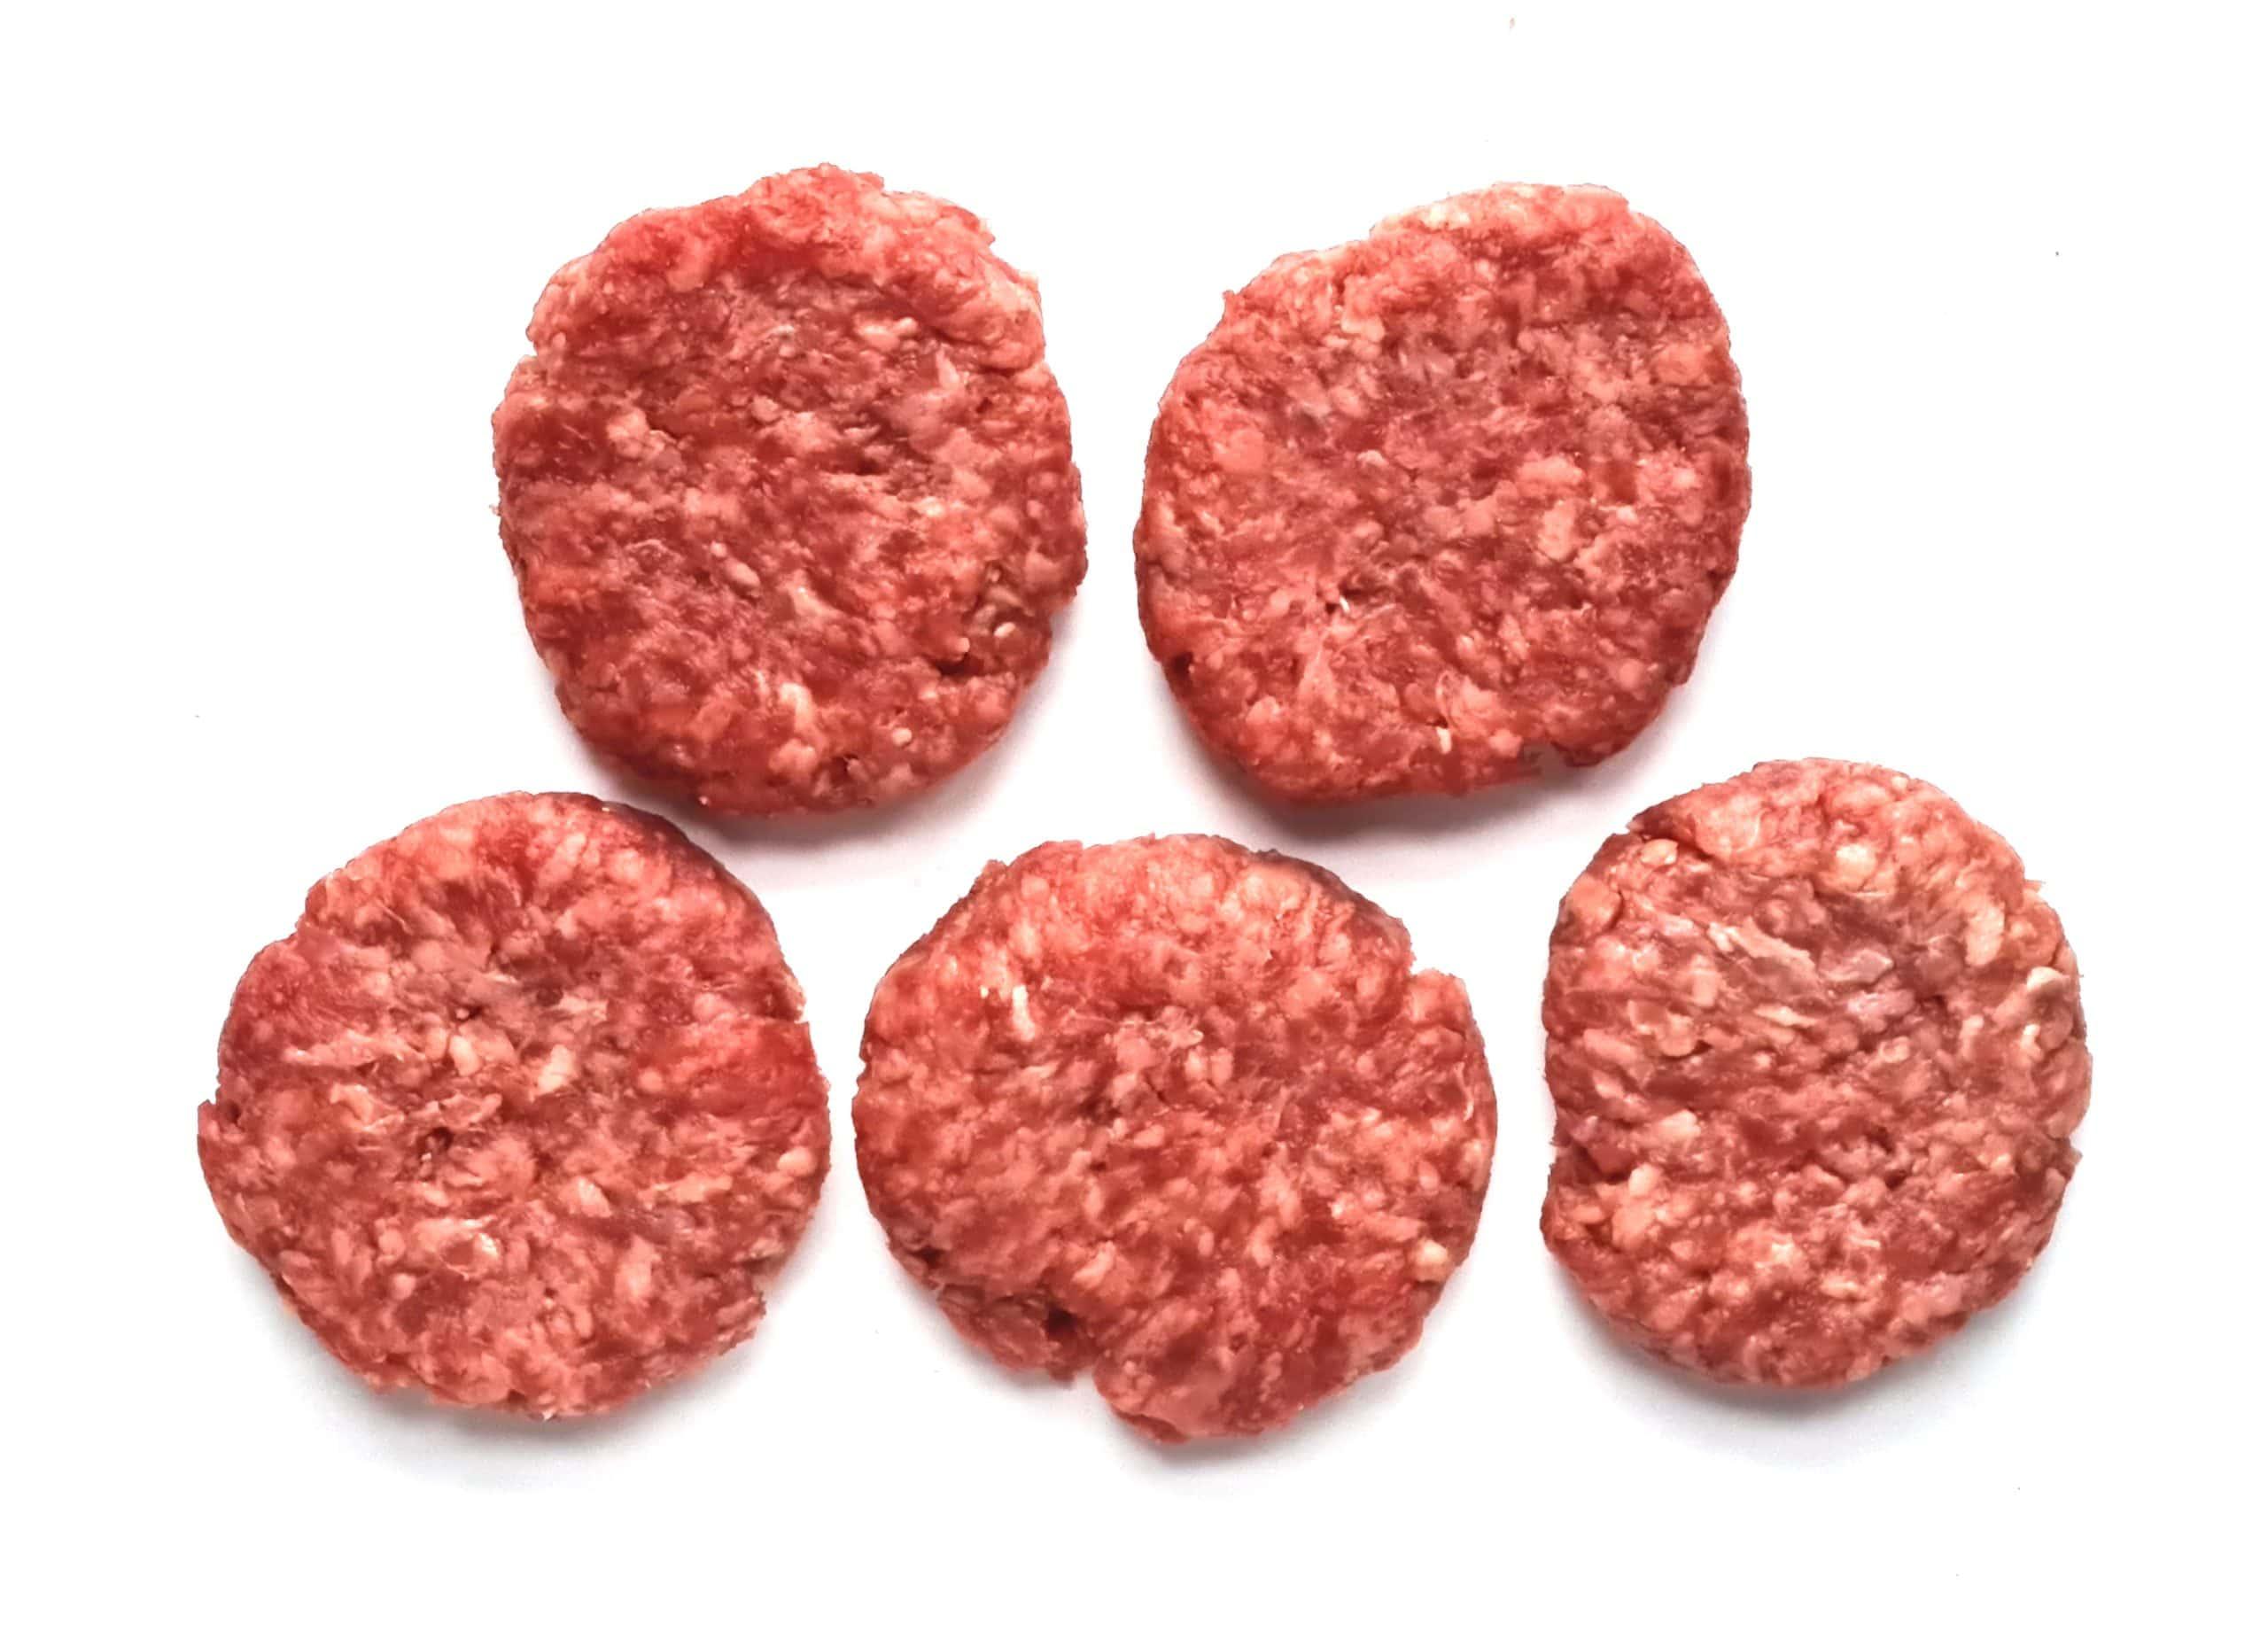 Mini Hamburger Black Angus